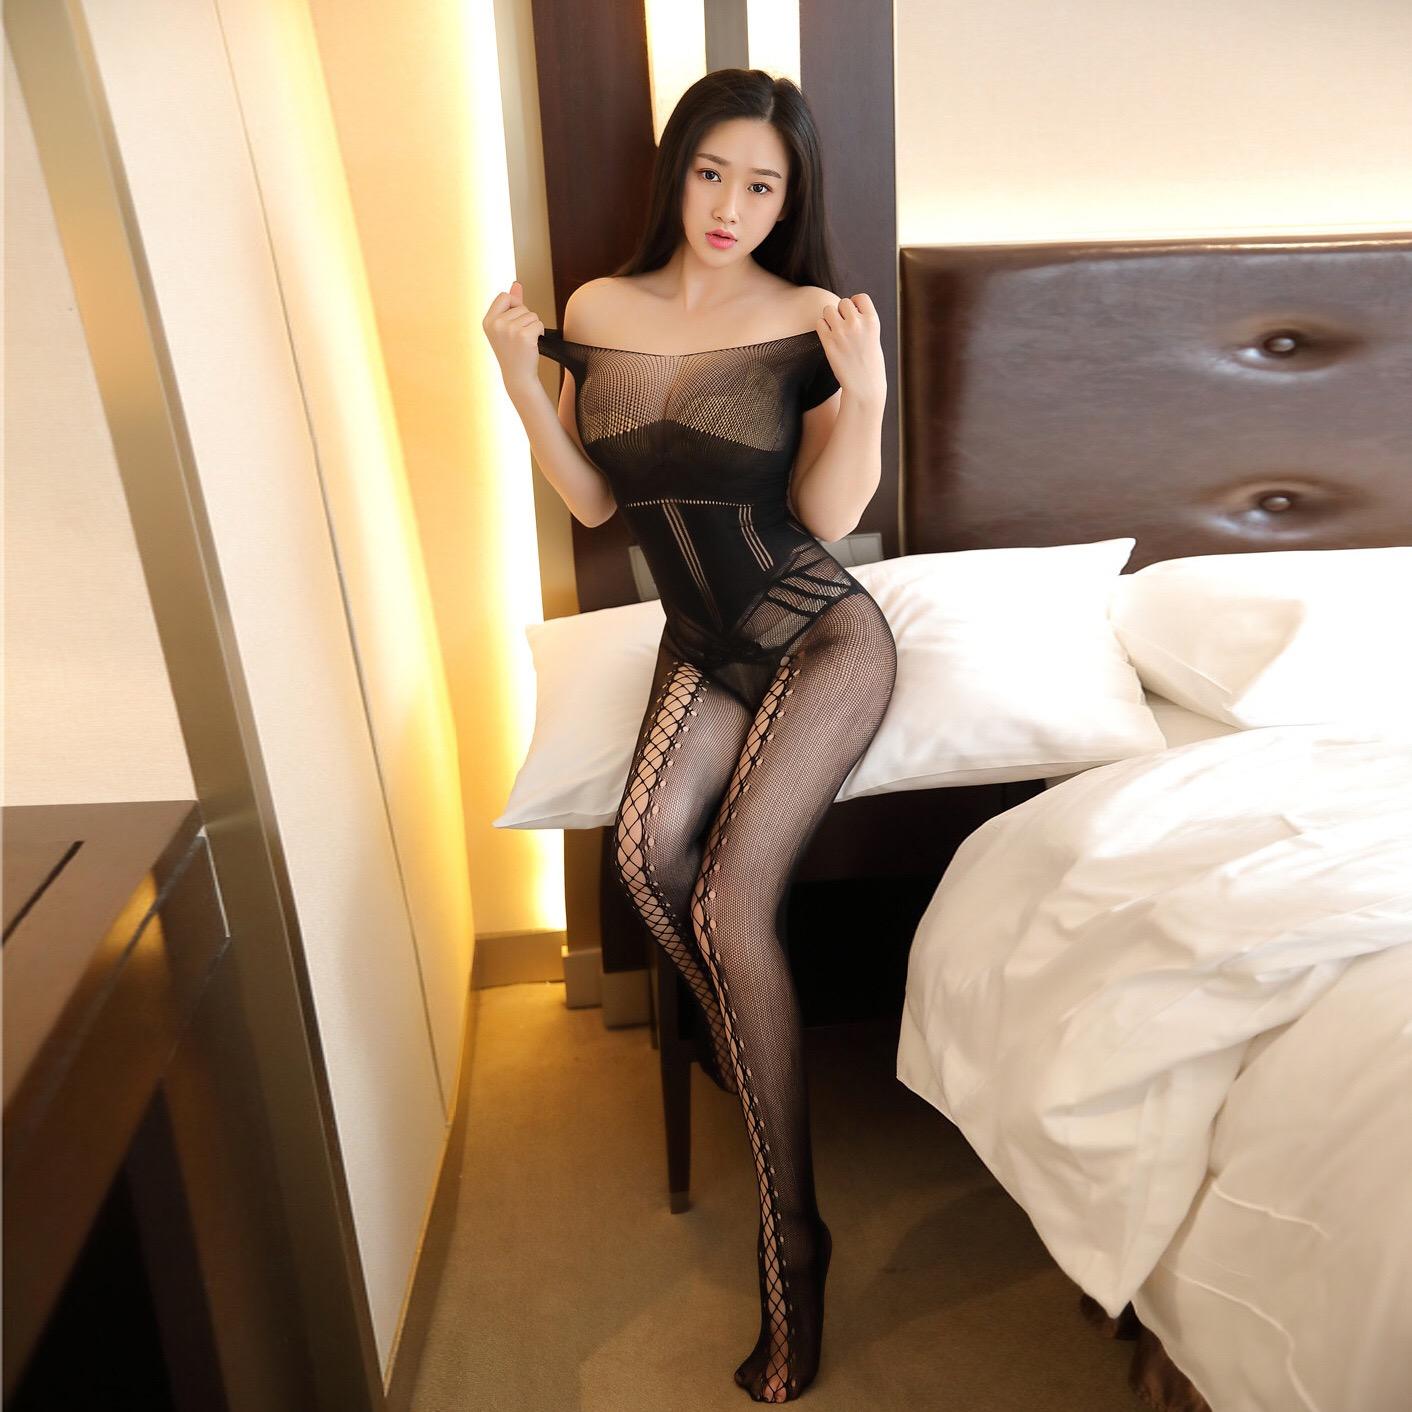 性感情趣内衣网衣骚透明睡衣挑逗服装丝袜诱惑衣服女激情套装超骚